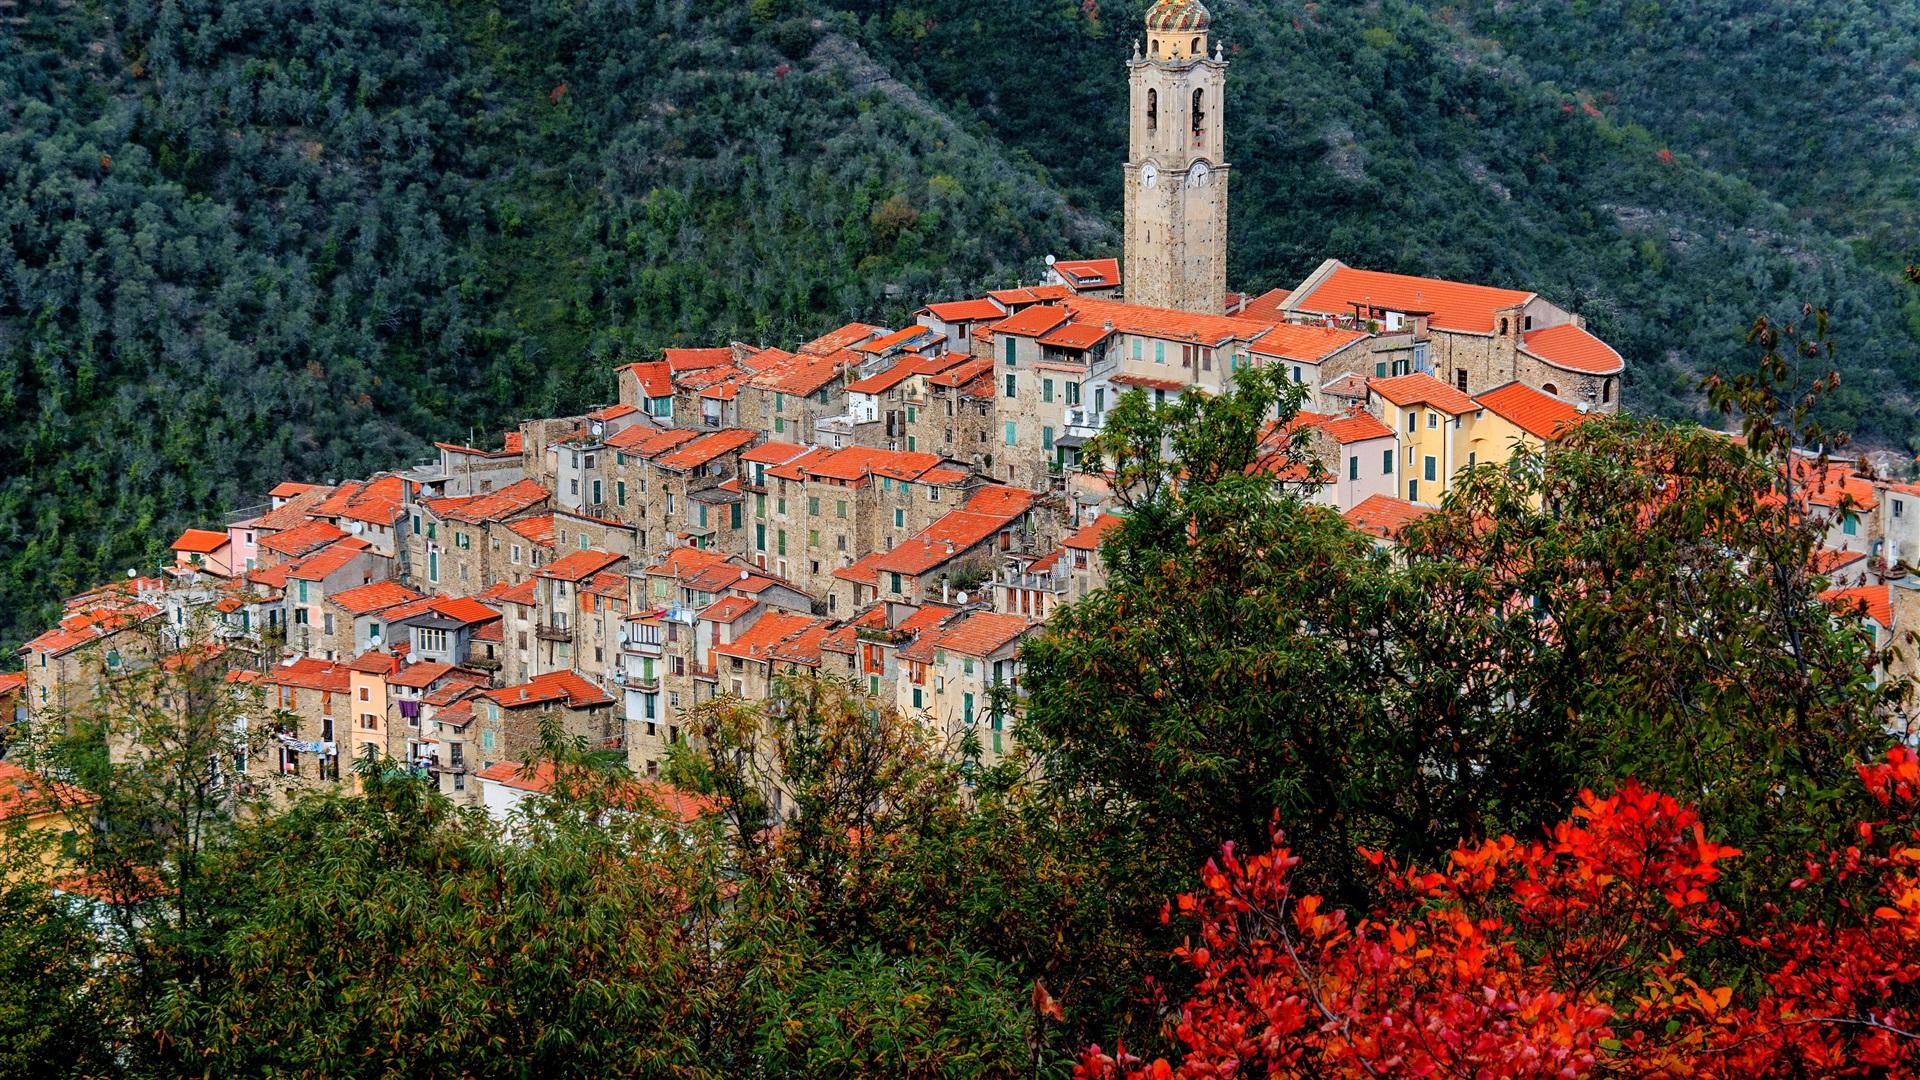 Castel Vittorio Italy Liguria Mountains Houses Tower